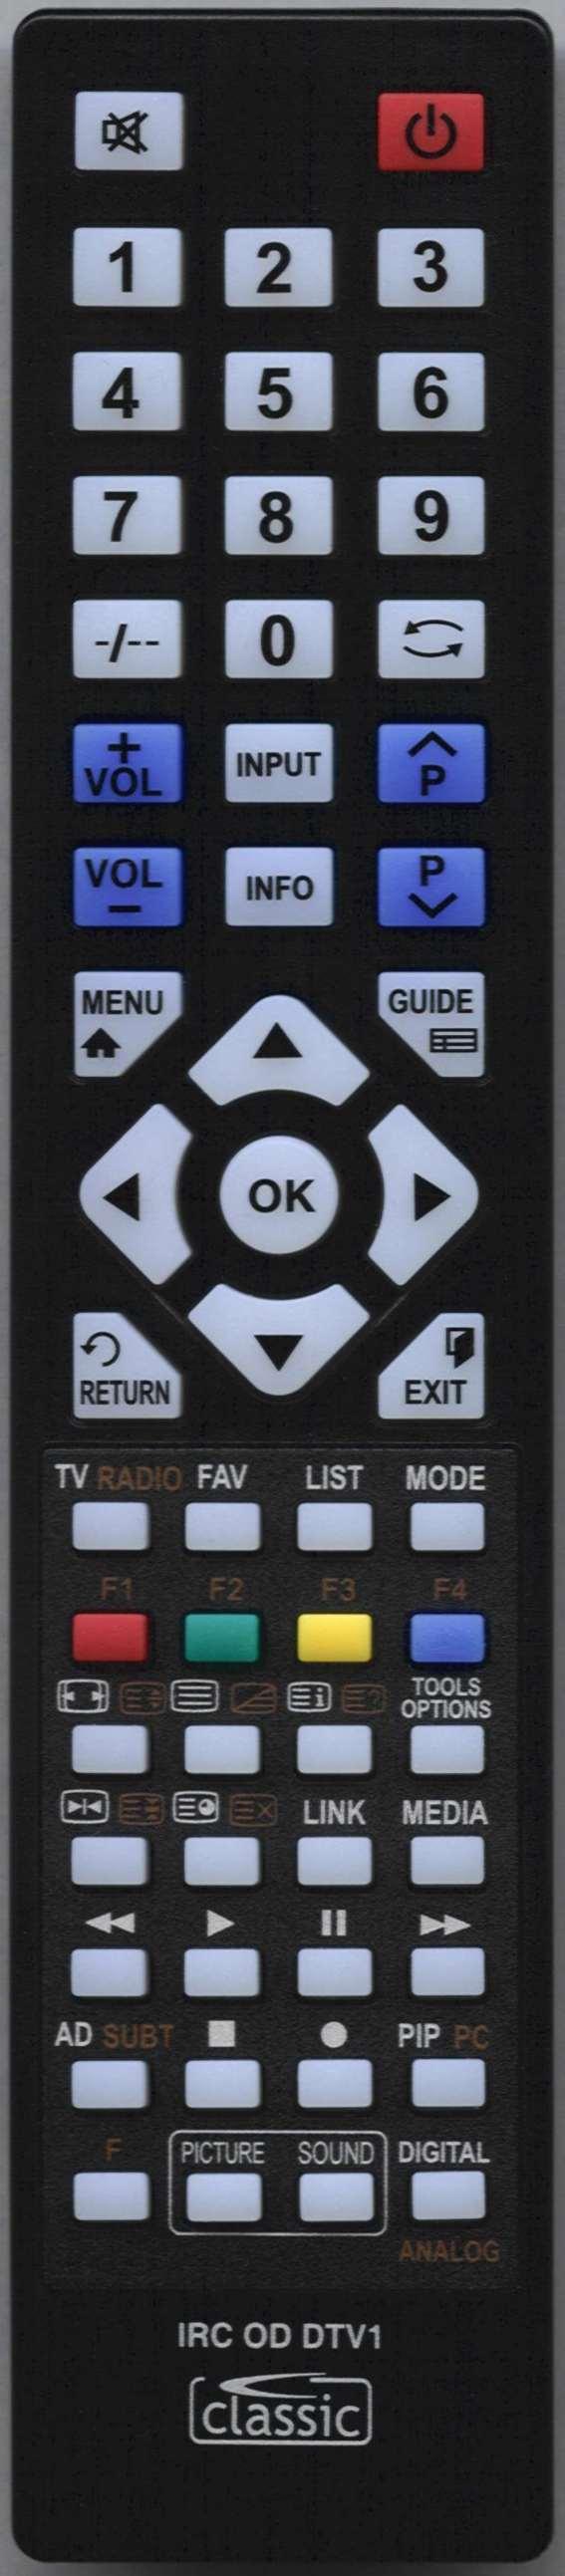 VIDEOCON V2222LEFD Remote Control